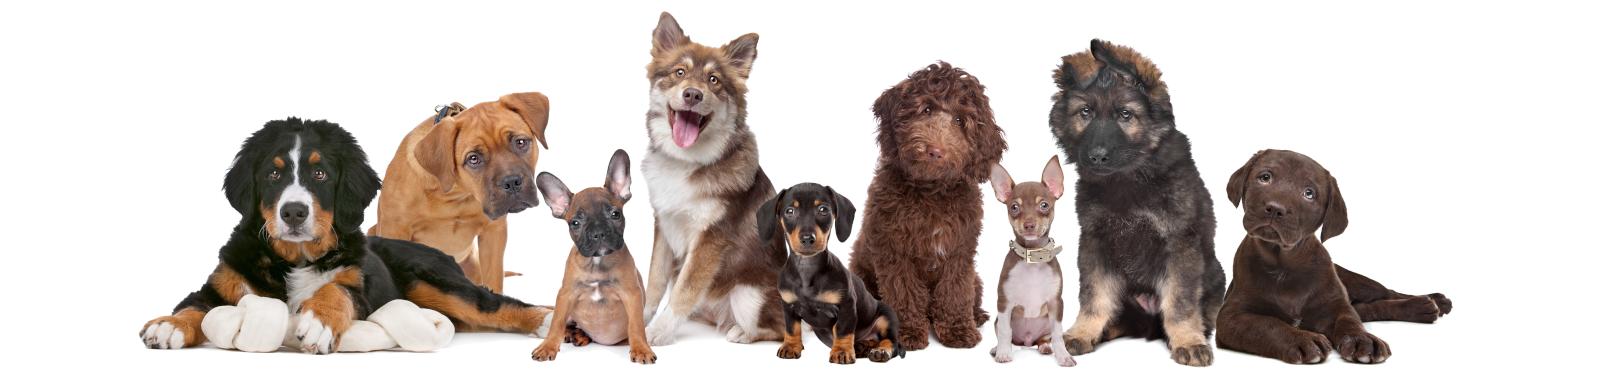 Alles über Hunde - Hund als Haustier